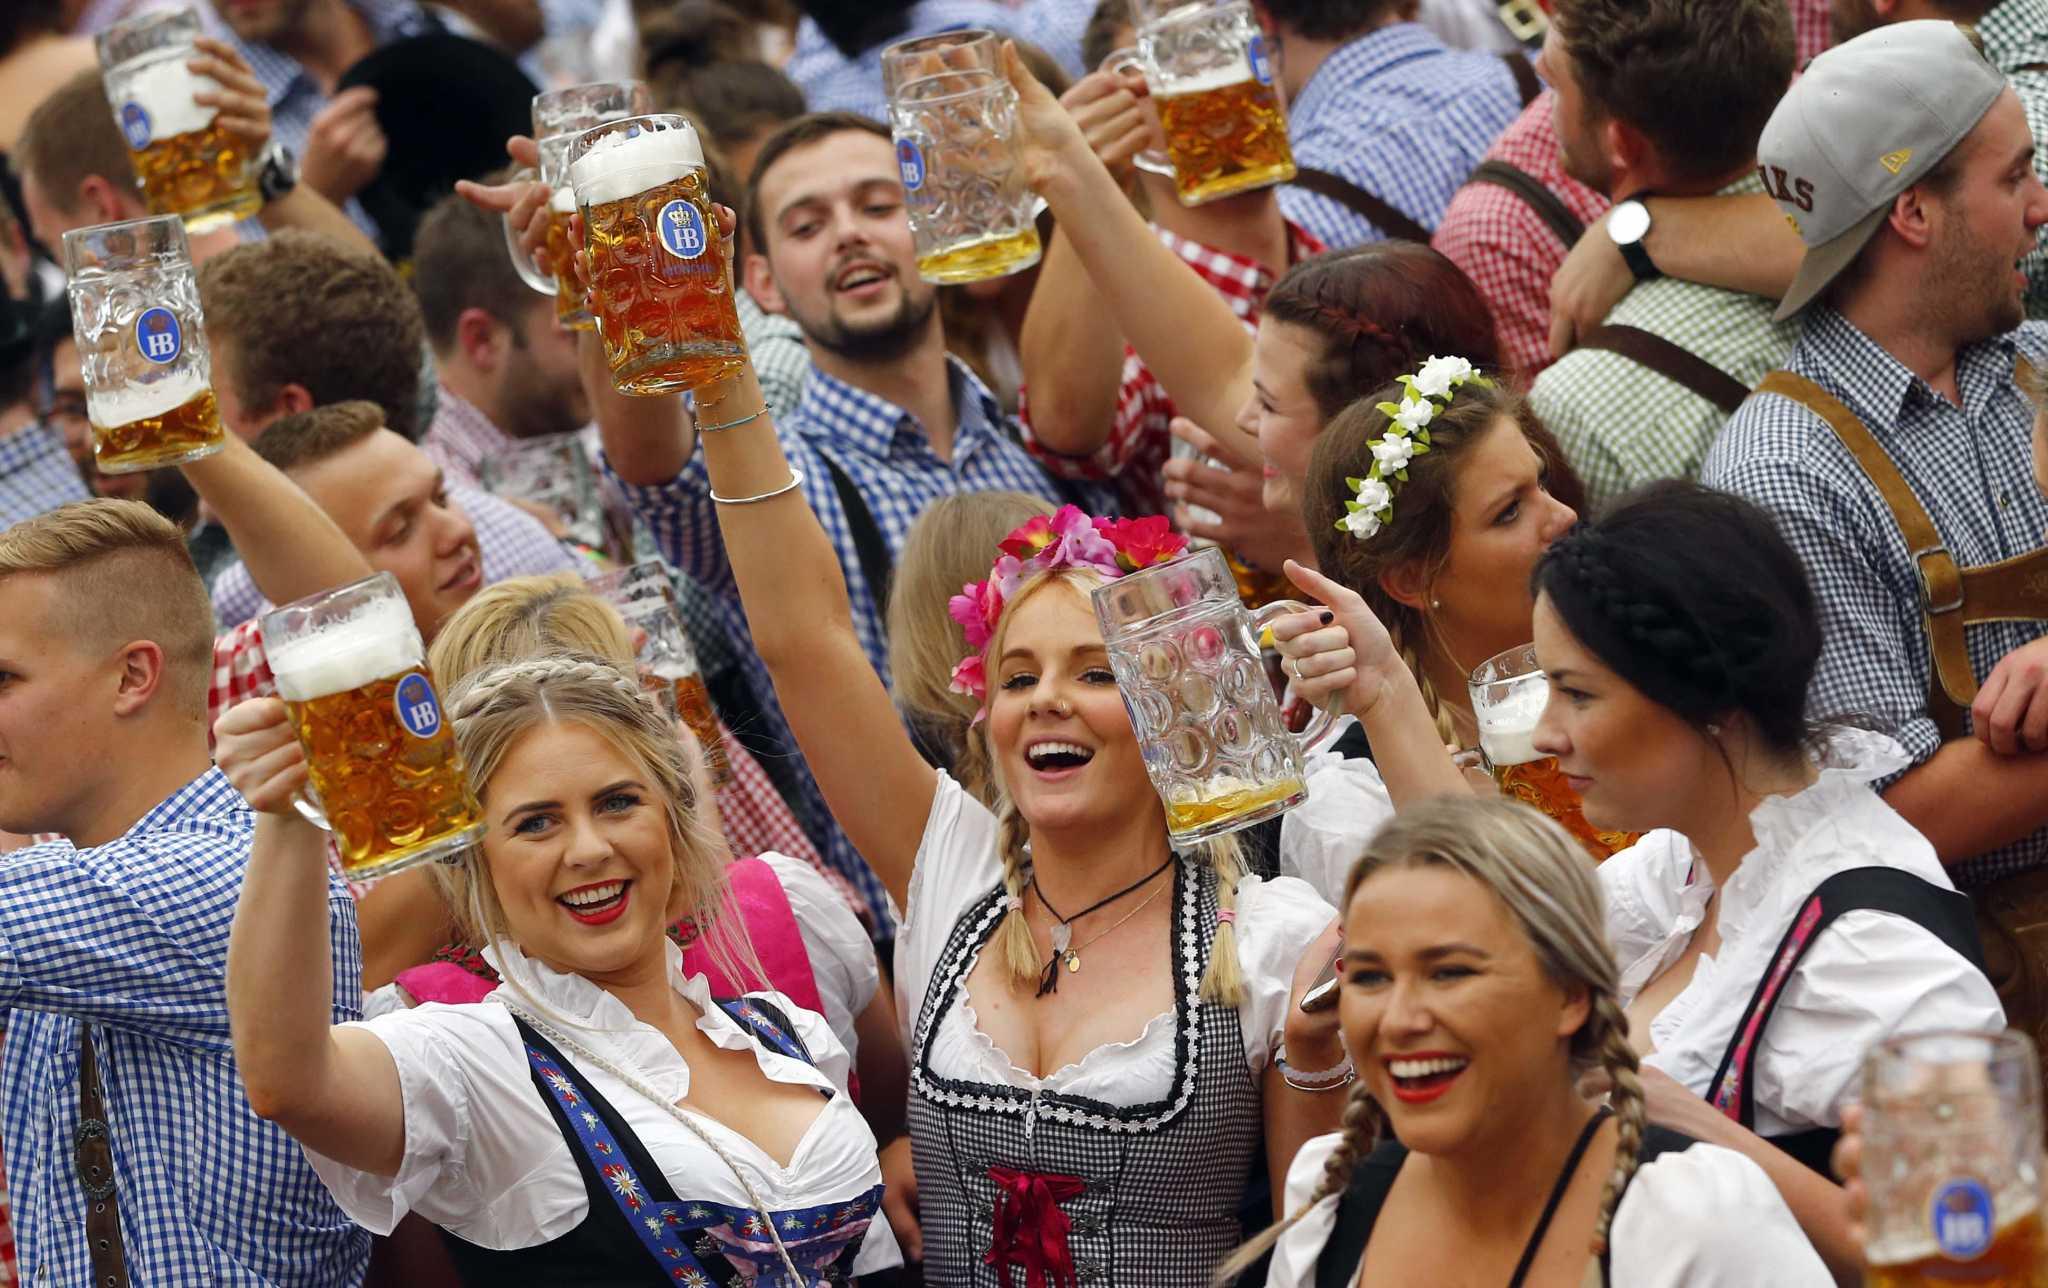 ★ топ 9 пивных фестивалей в германии ★ - европа